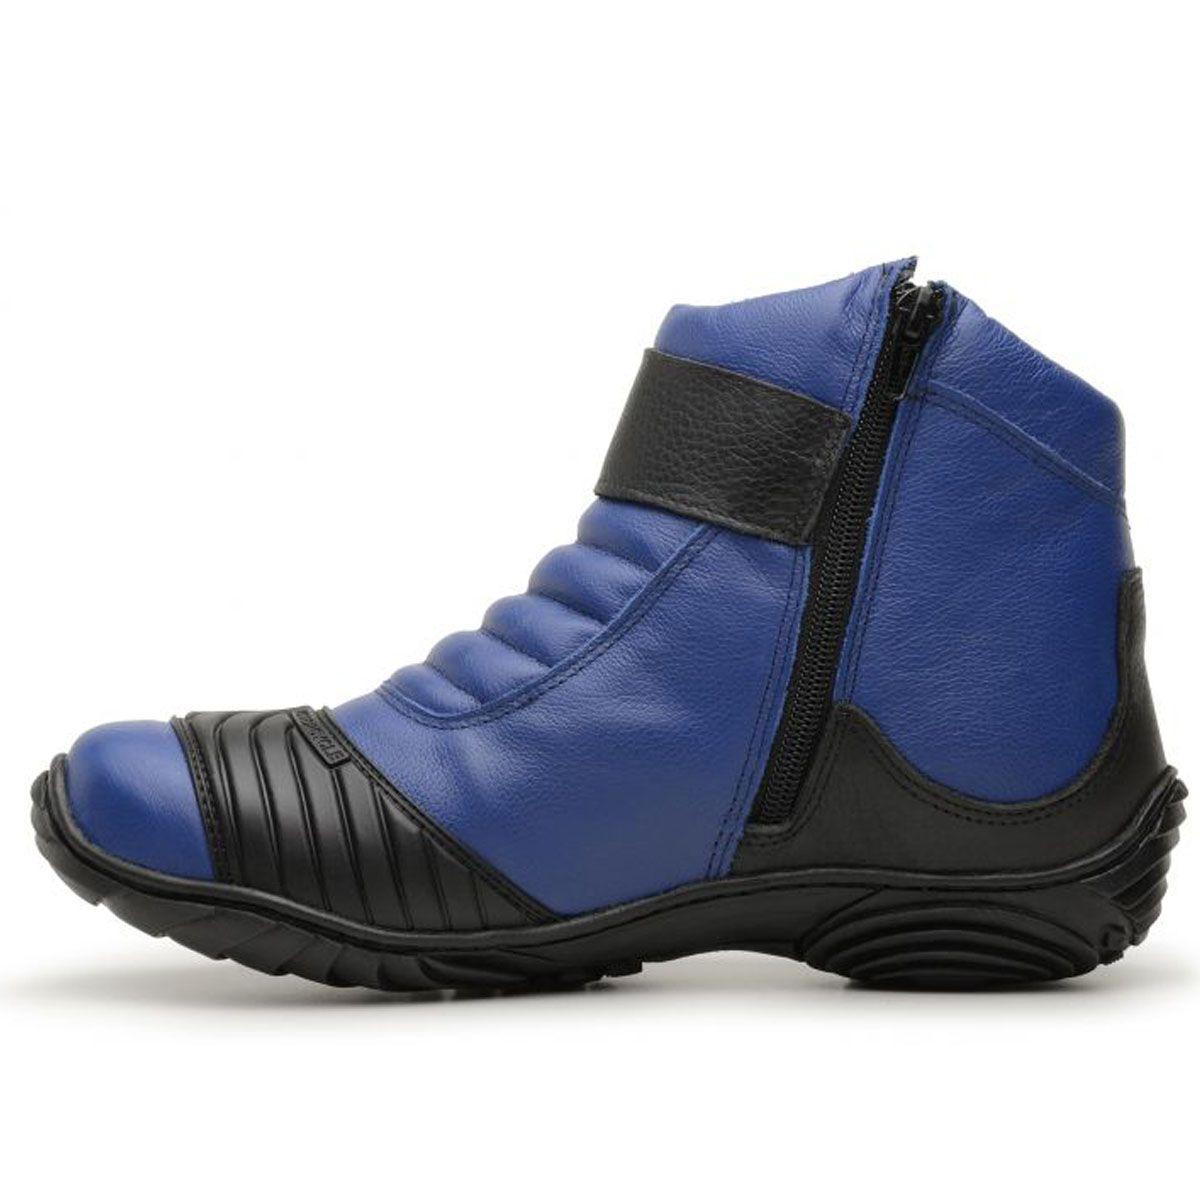 Coturno motociclista em couro legítimo nas cores azul e preto 304